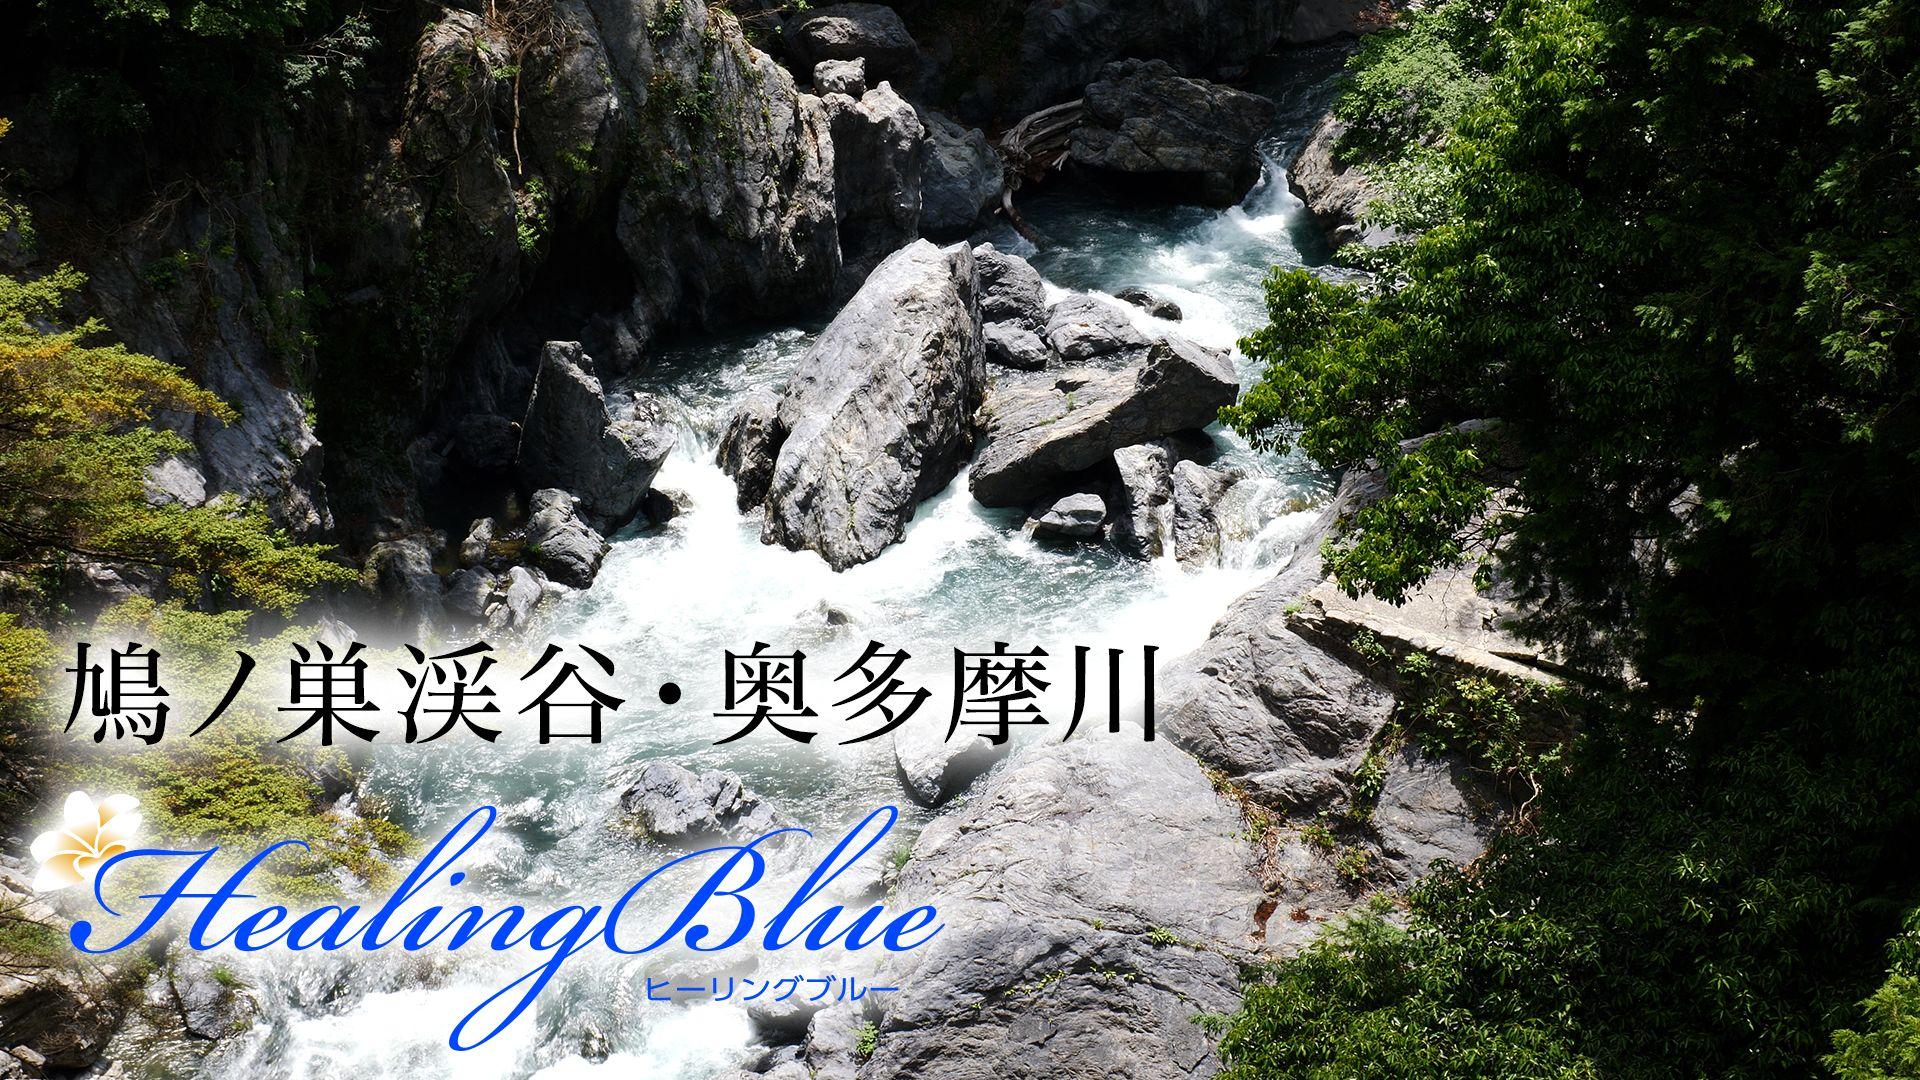 鳩ノ巣渓谷・奥多摩川【HealingBlue】